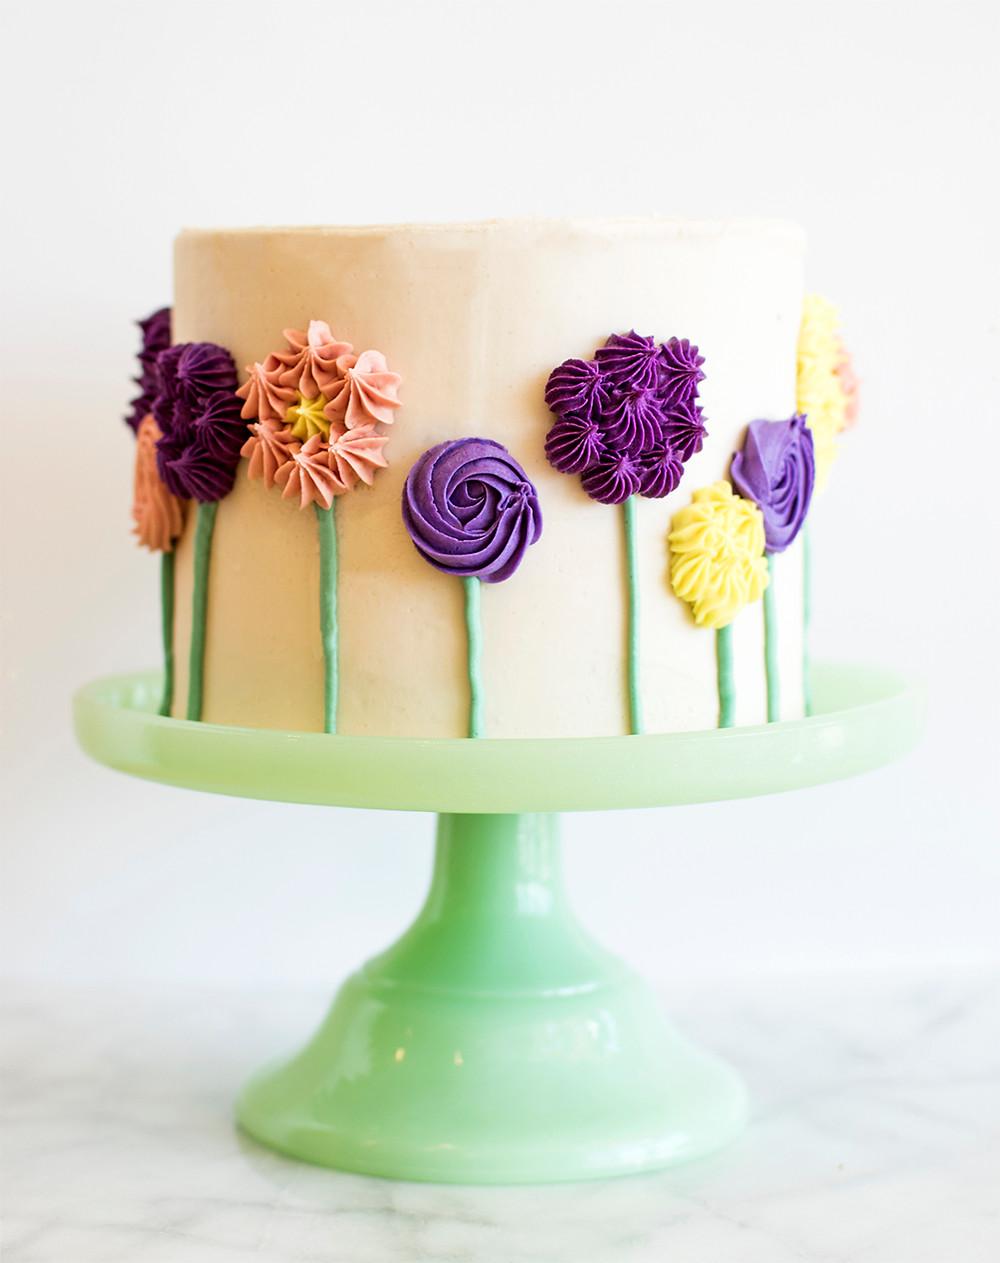 Making of Flower Cake